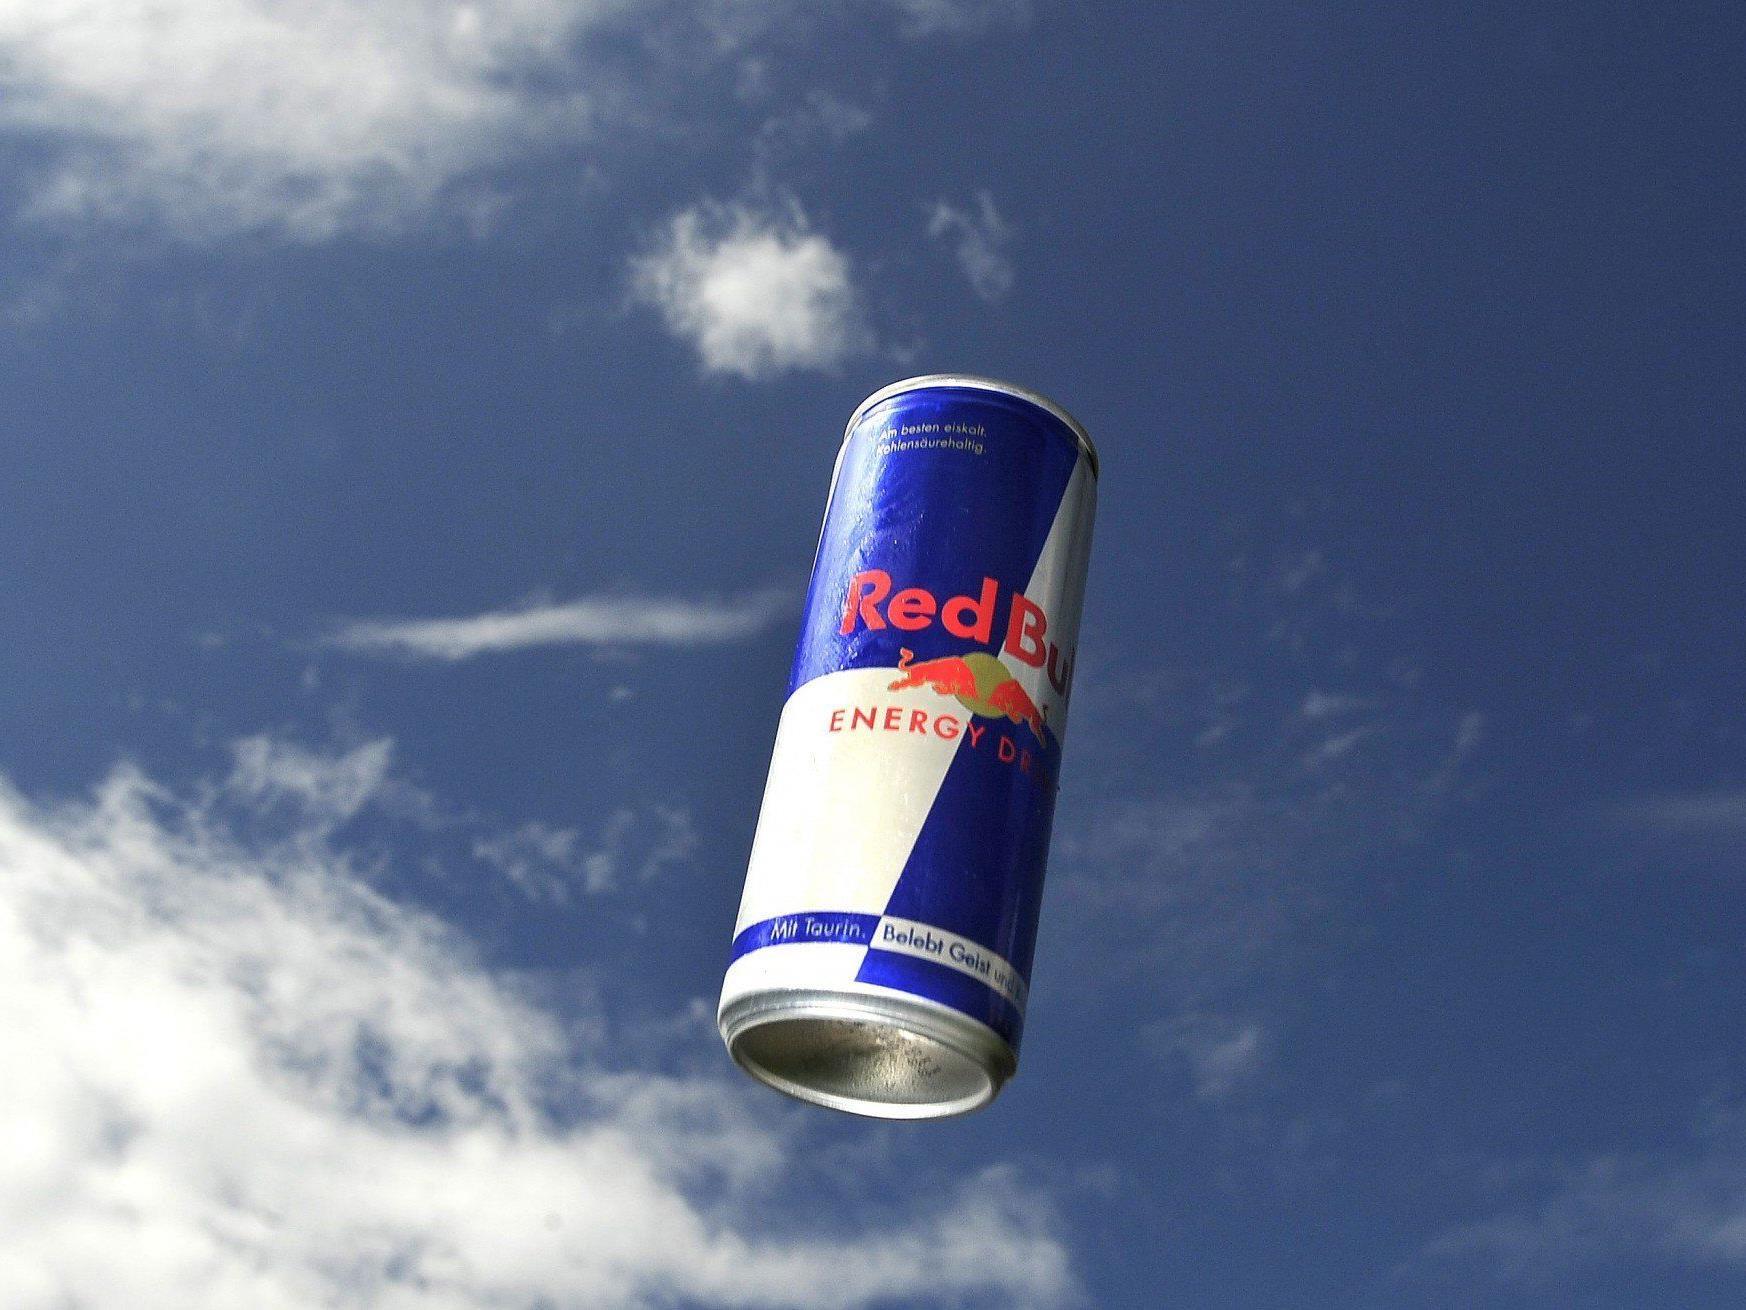 """Energydrinkhersteller belegt im weltweiten Markenranking von """"Brand Finance"""" Platz 203."""